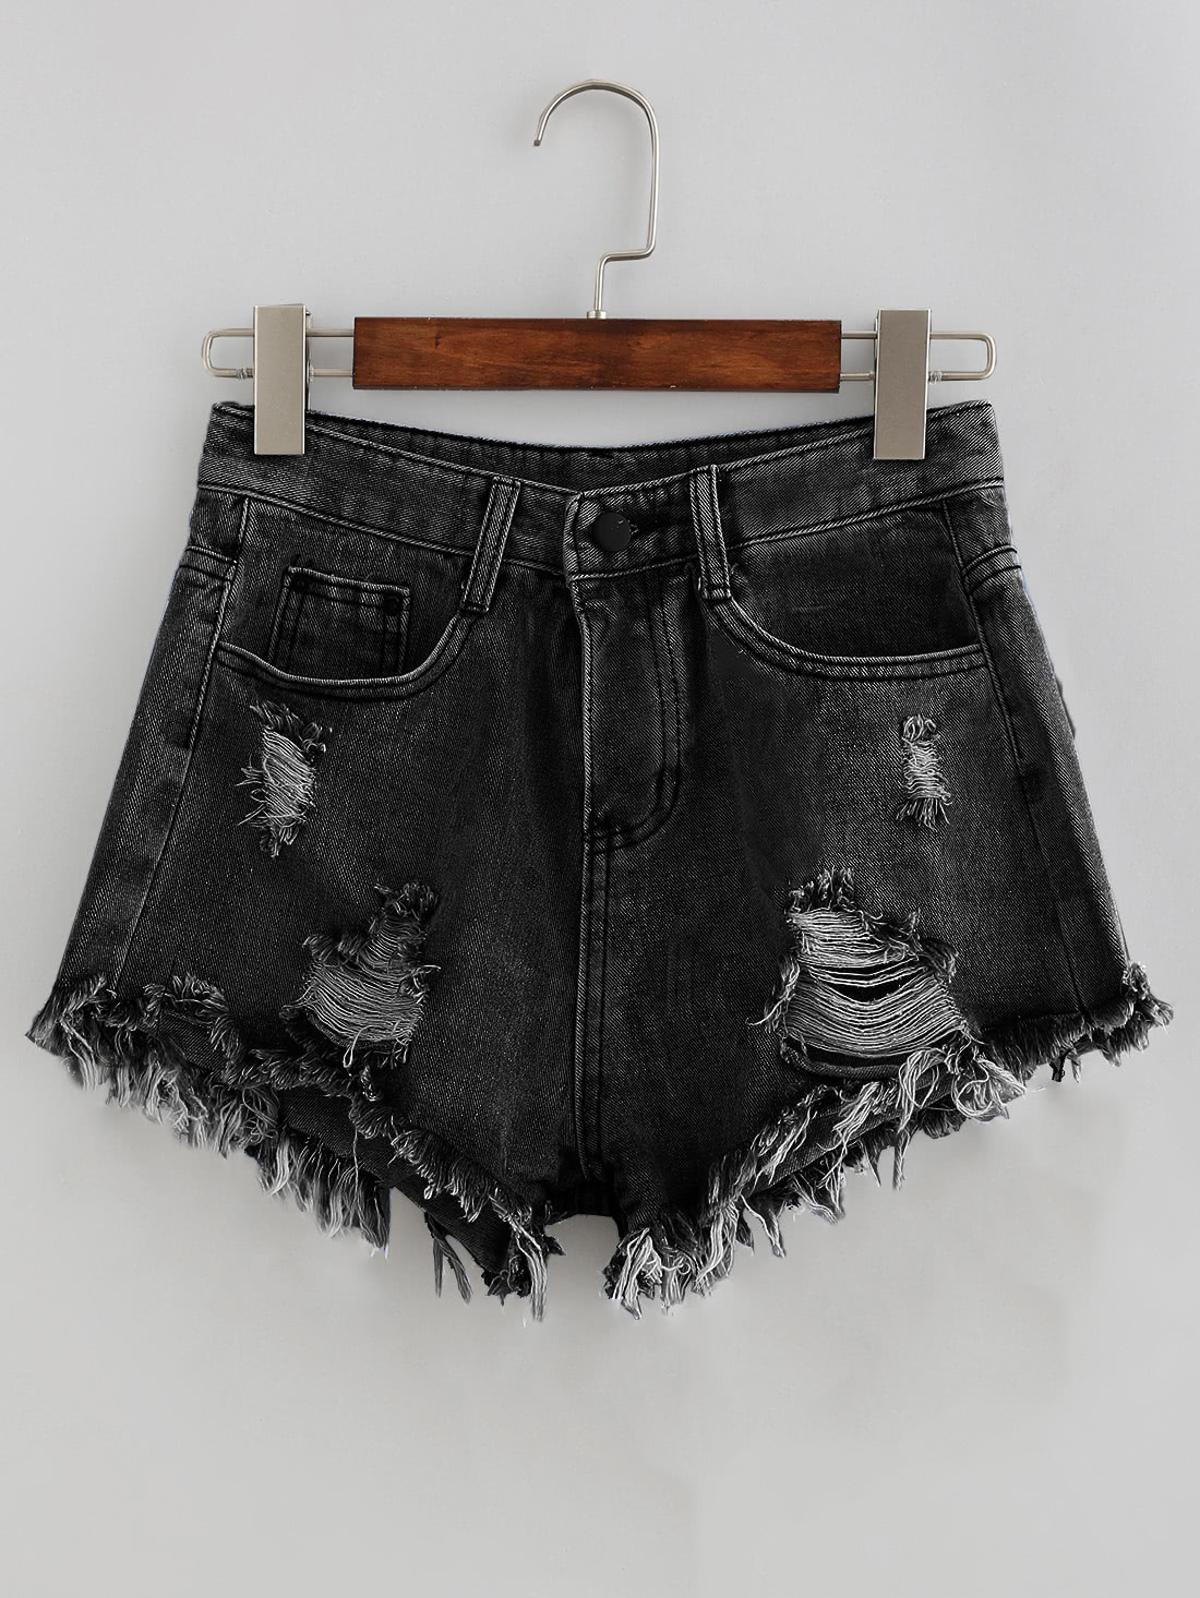 褪色洗 仿舊磨損的 牛仔布 短褲